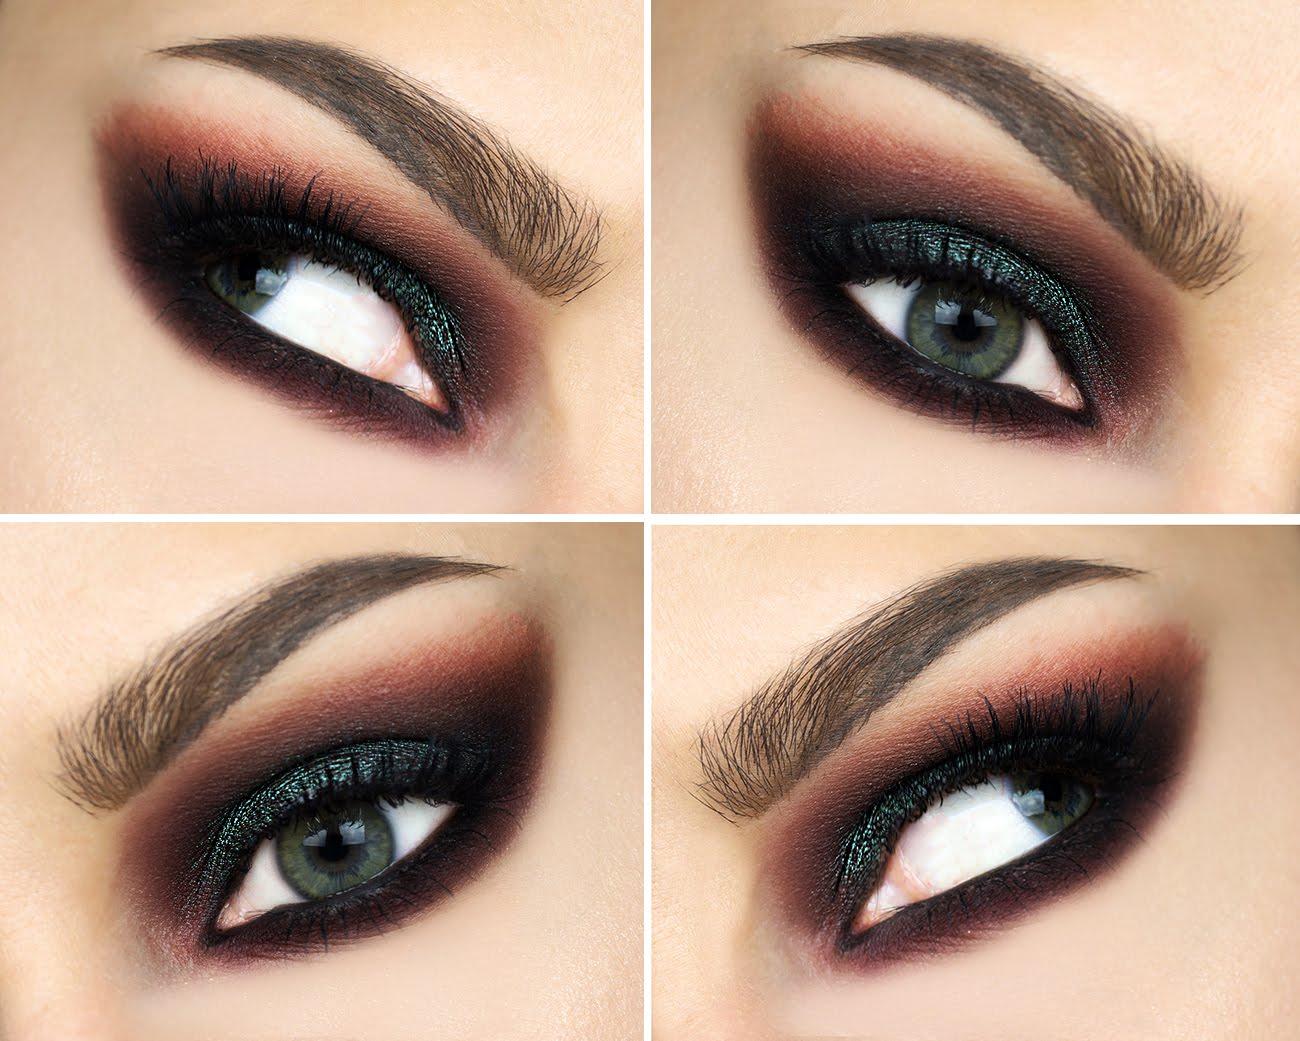 makijaż poznań kinga czarnecka makijażystka poznań wizazytska poznań kamini makeup makijaż ślubny poznań makijaż do sesji  poznań makijaż tutorial makeup tutorial makijaz wieczorowy makijaz kolorowy